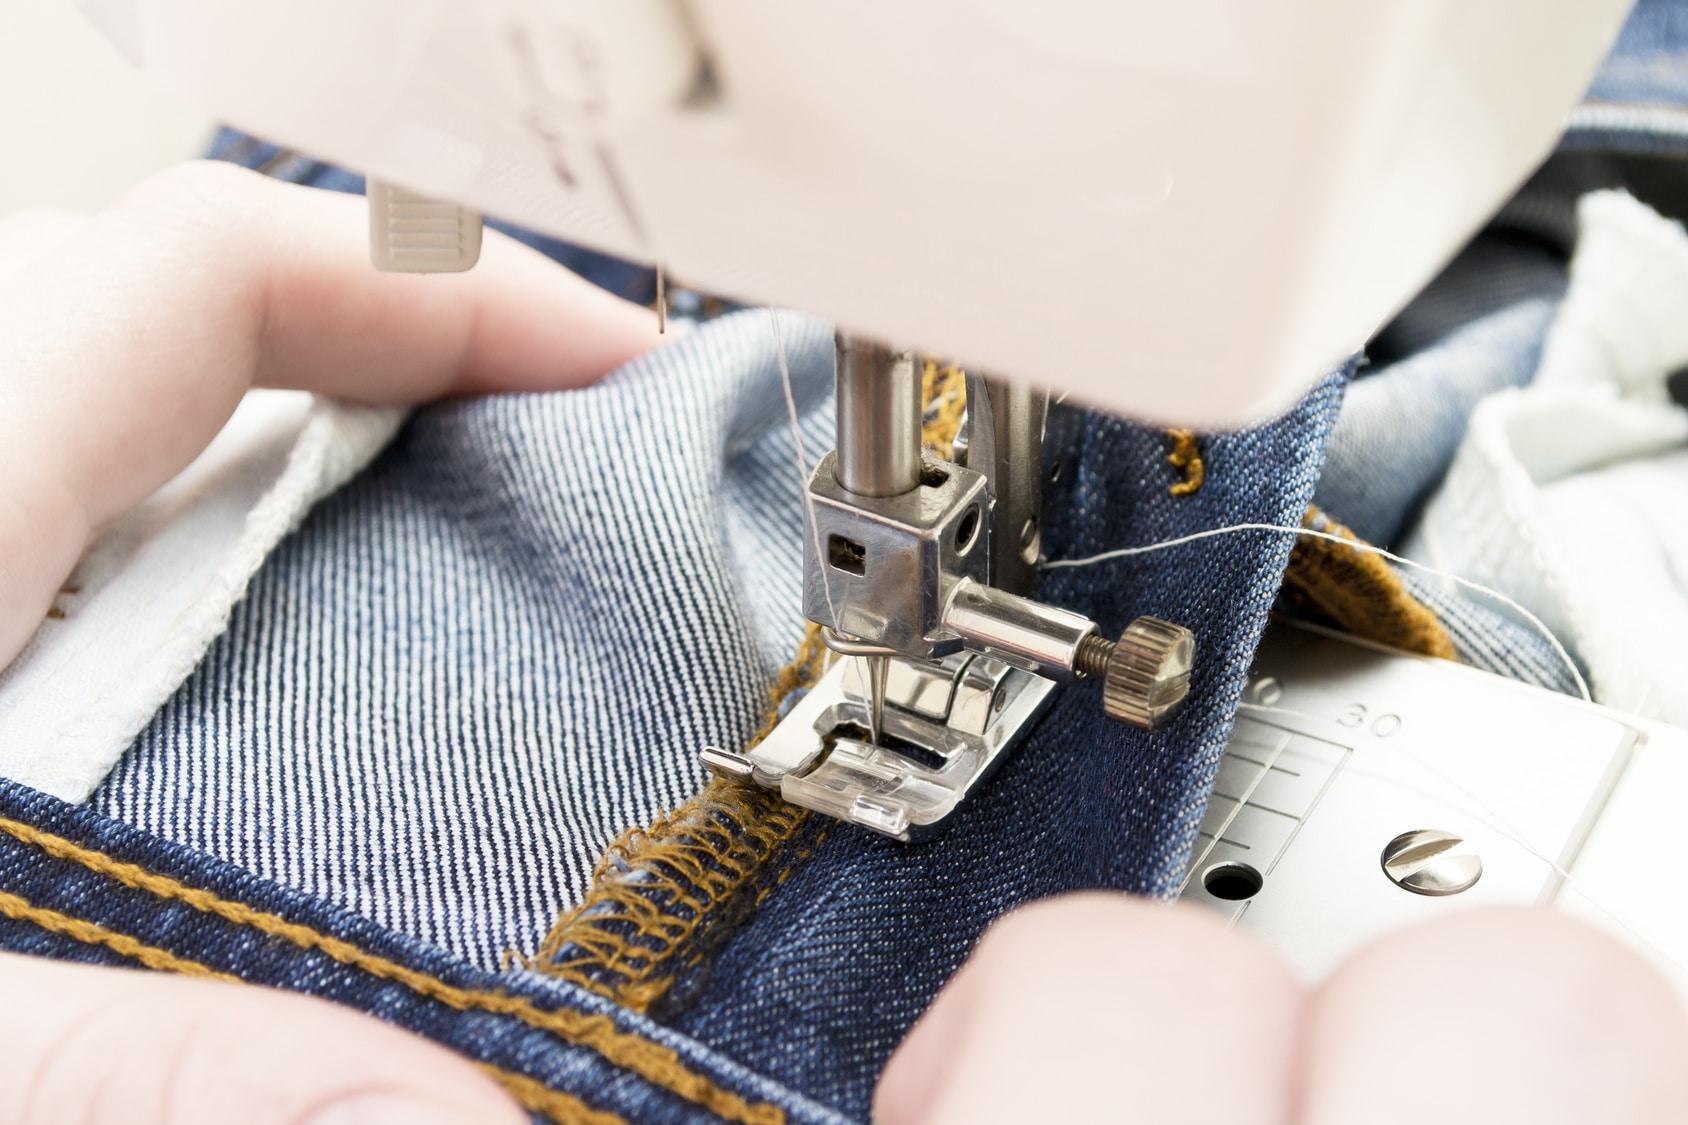 Un 39 idea semplice da realizzare con la macchina da cucire for Porta macchina da cucire